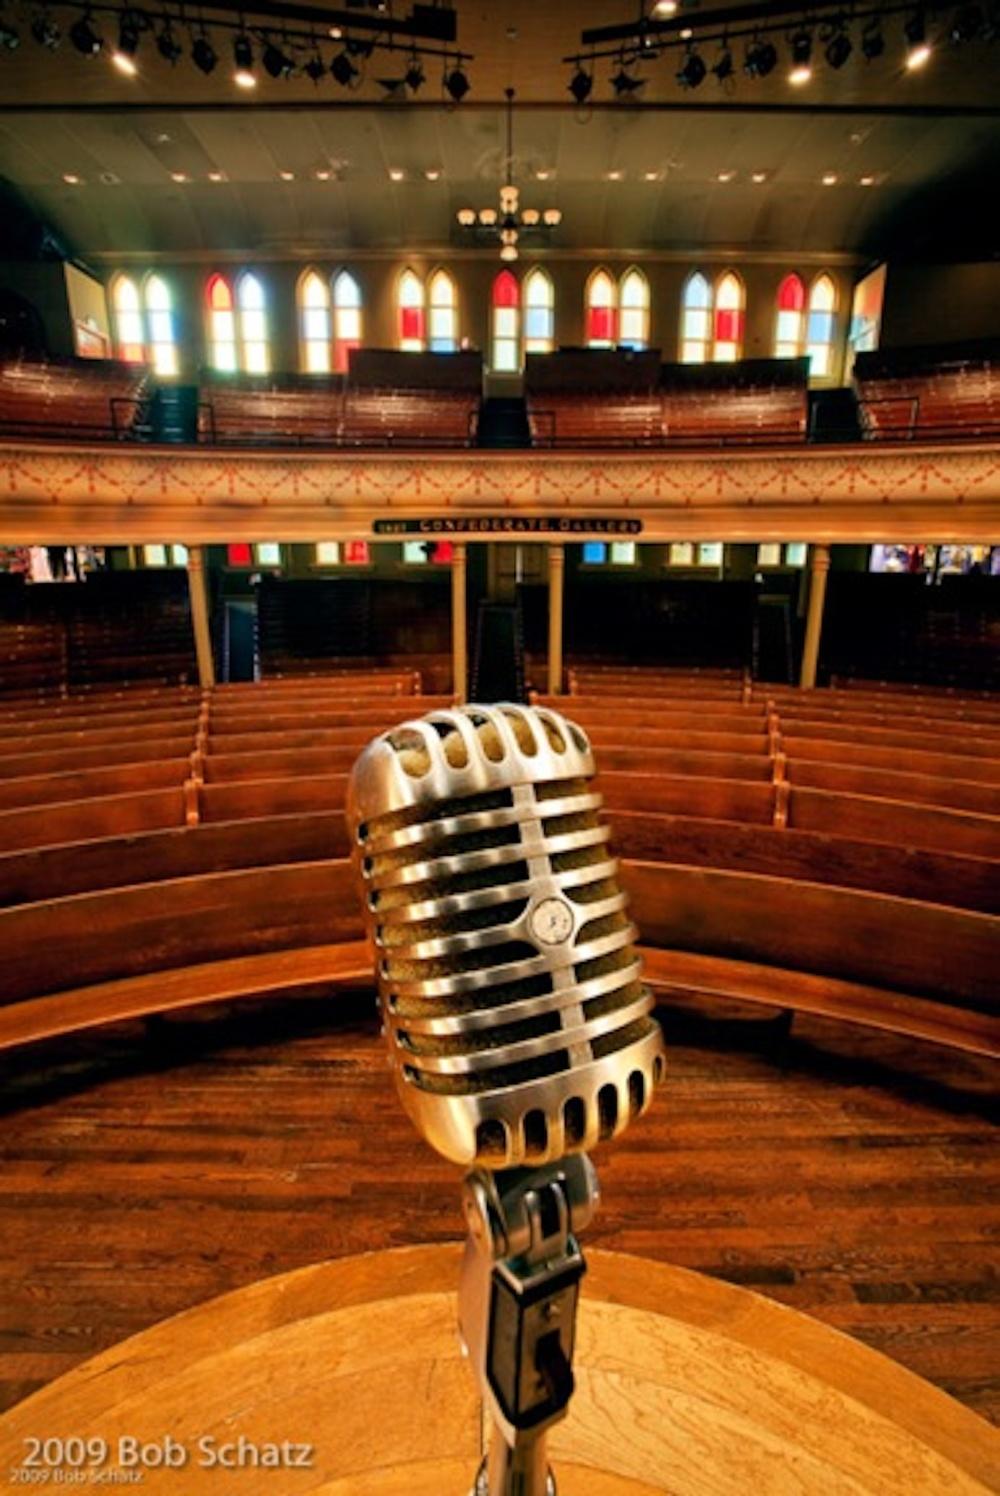 Schatz_Microphone at Ryman 30x20in.jpg